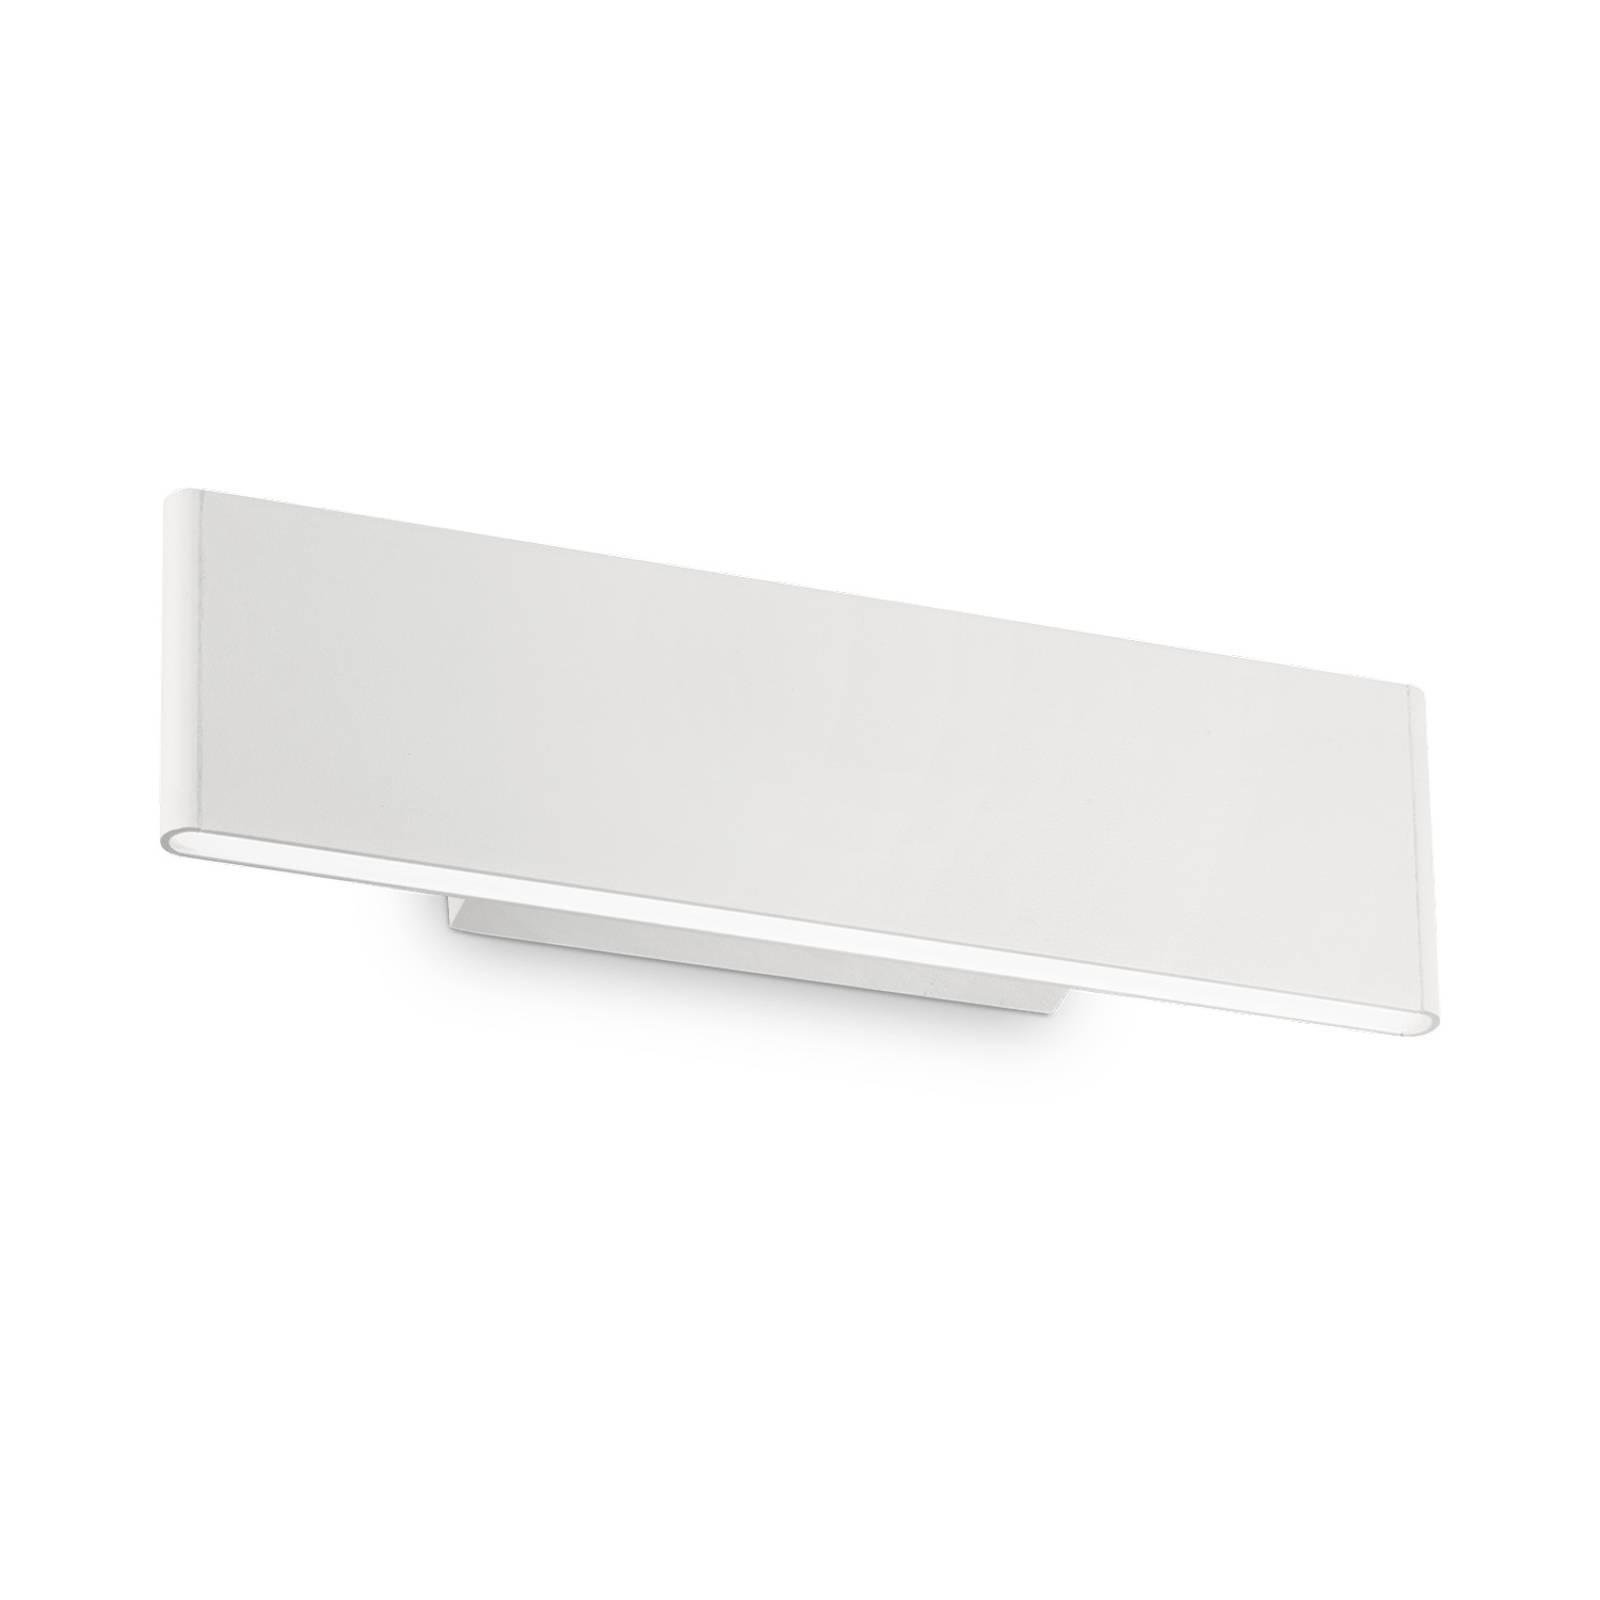 LED wandlamp Desk wit, licht boven / onder